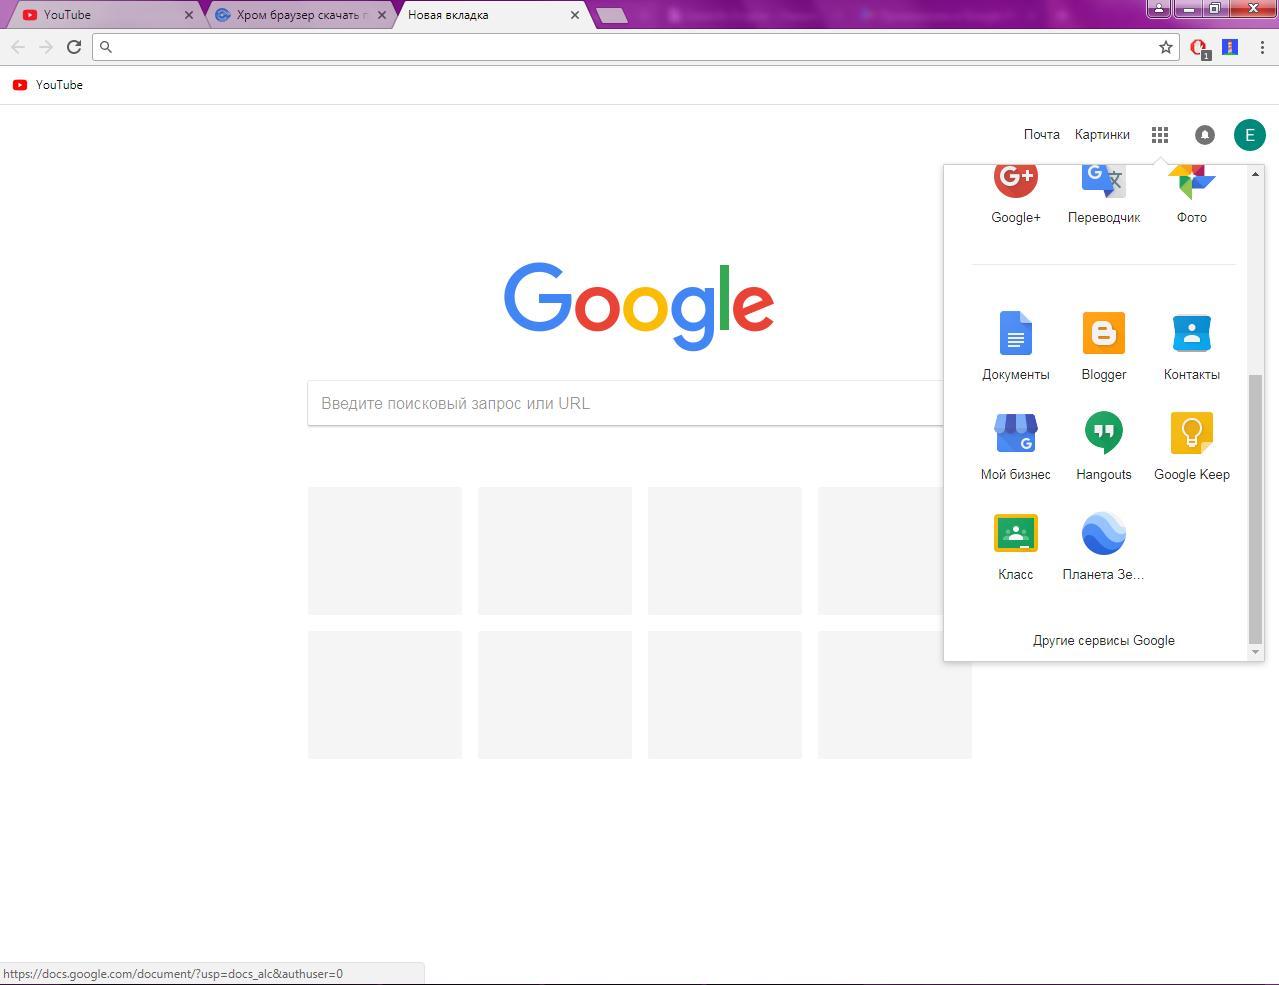 Картинки в гугле не отображаются, спасибо